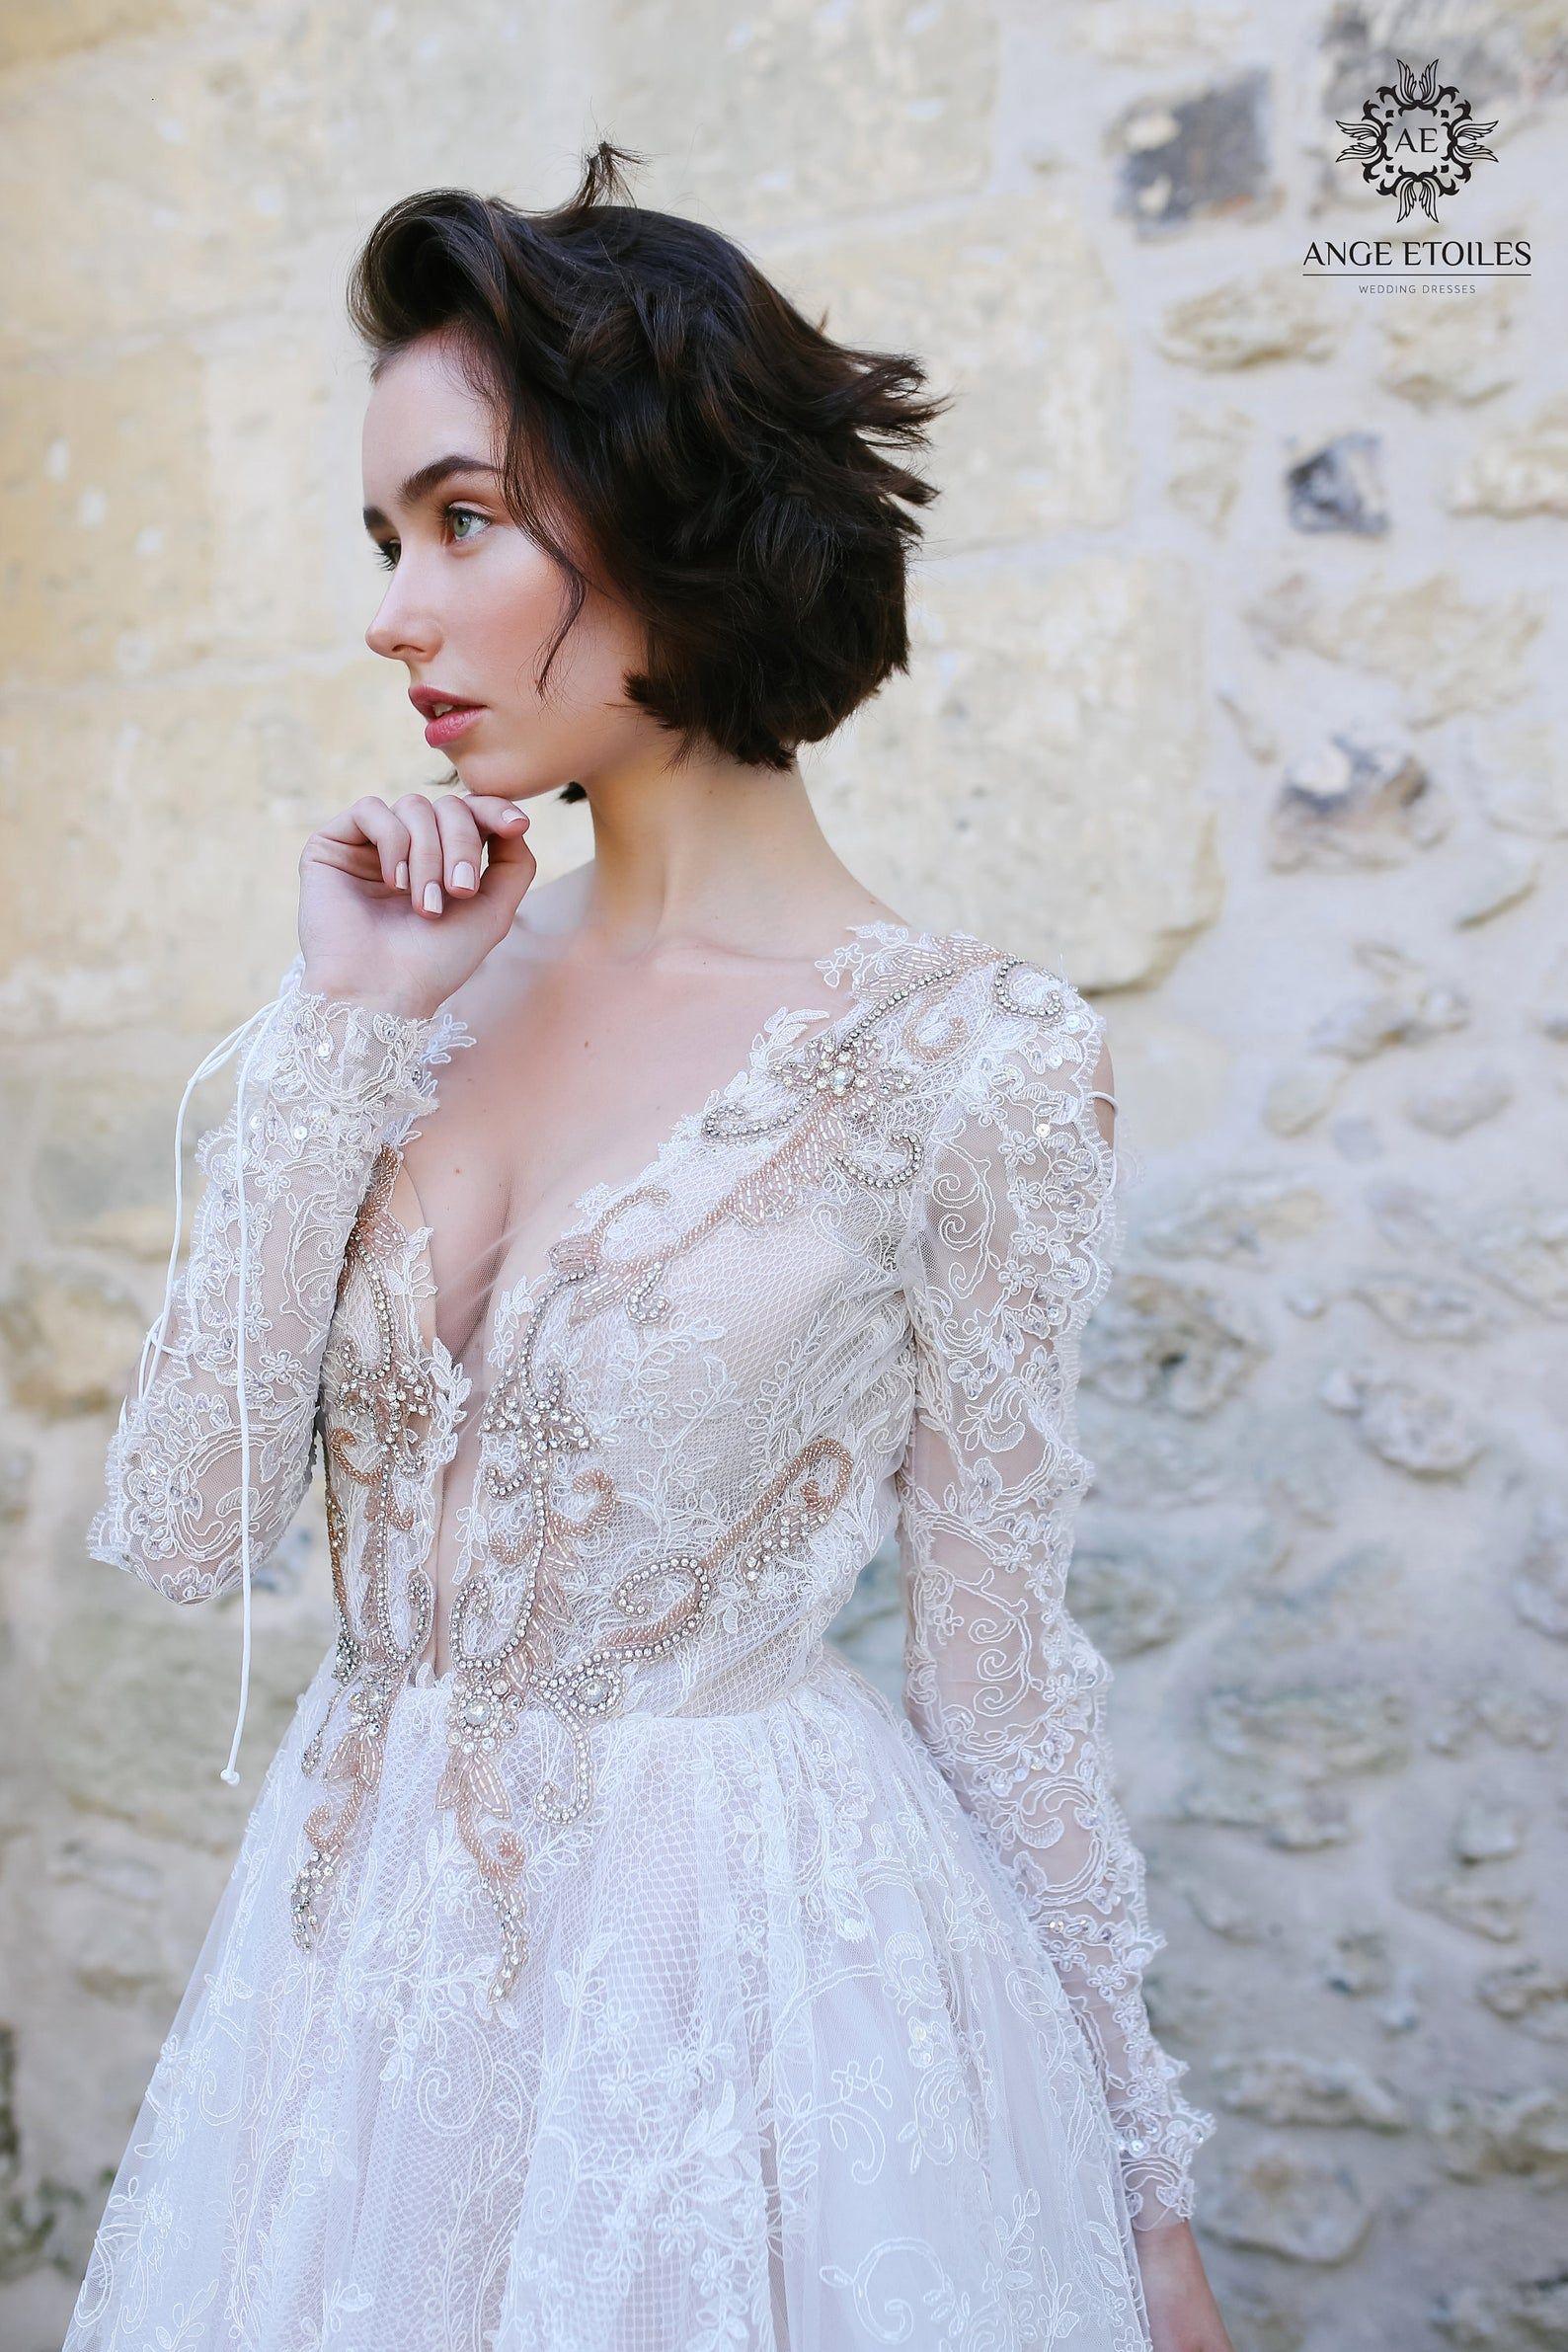 Royal  wedding dress OLIVIA with long train by ANGE ETOILES  | Etsy – Etsy